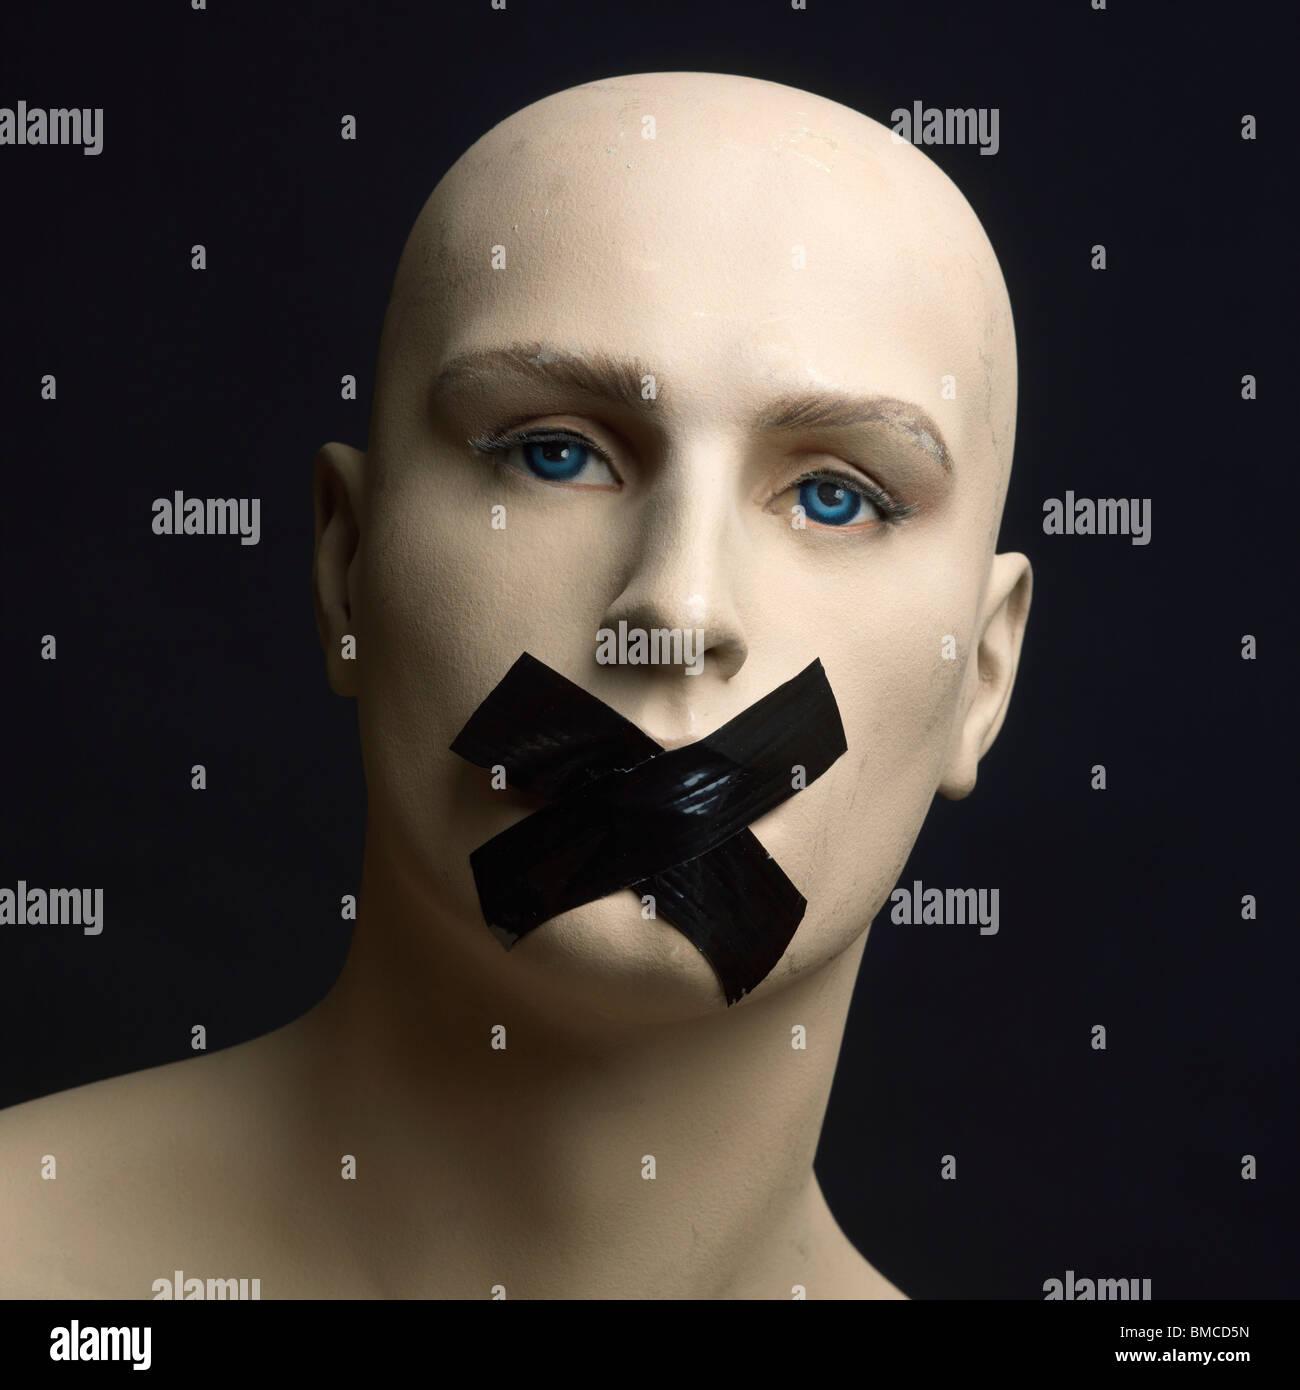 Dummy, Mannequin, Klebeband über Mund - Zensur / Geheimhaltung / Würgen / Stille / freie Rede-Konzept Stockbild